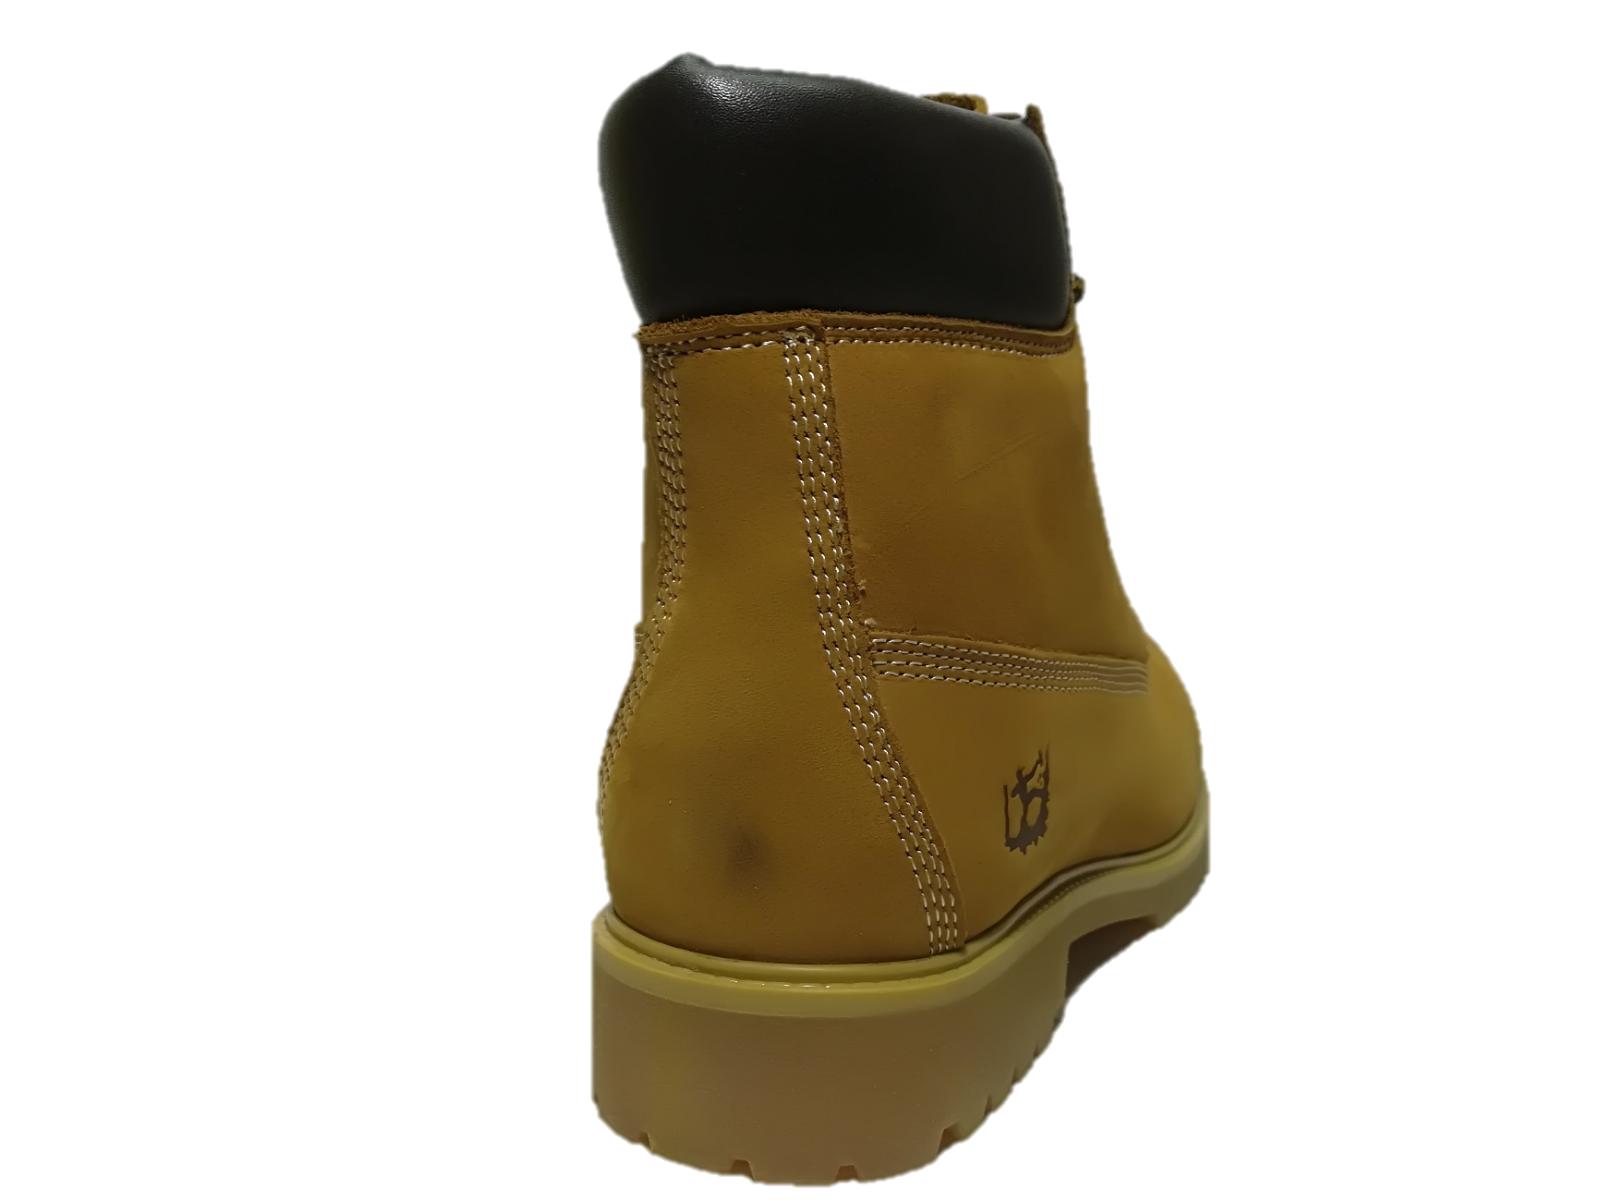 zapatos hombre SCARPONCINI ANFIBIO N.44 PELLE GIALLO GIALLO GIALLO TREKKING STONE CUT - SC500 281da2